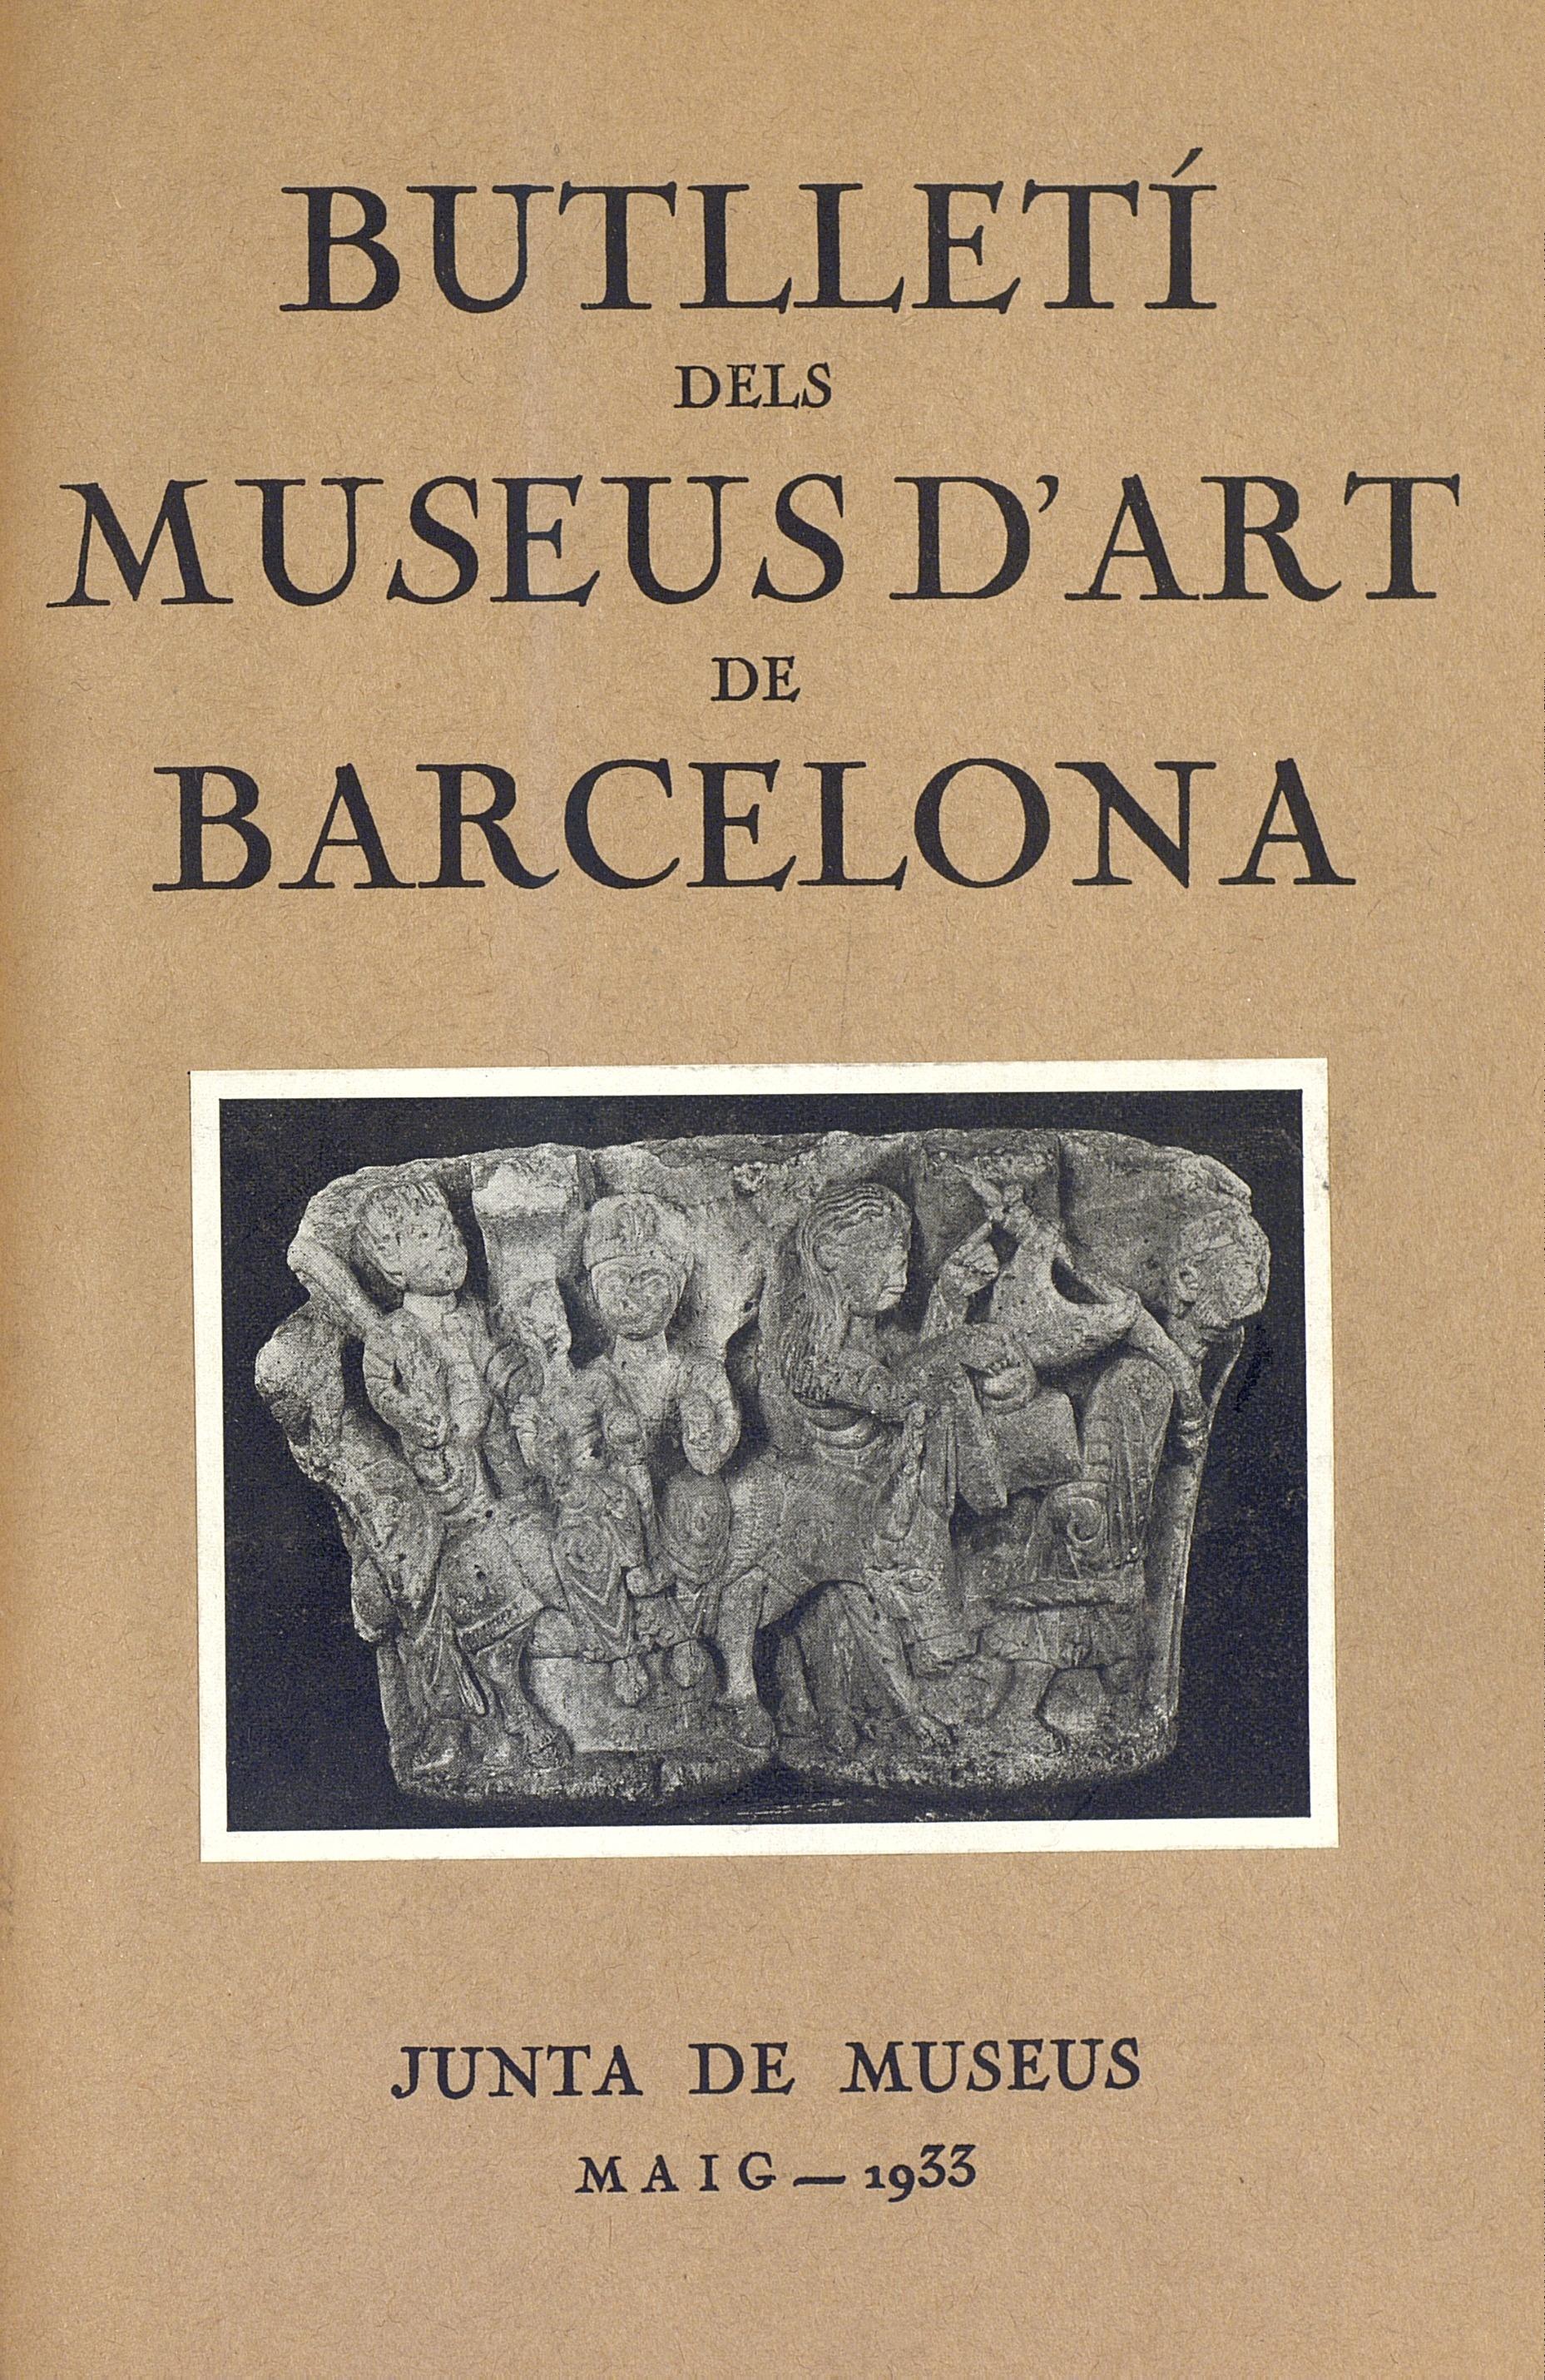 Vol. 3, núm. 24 (maig 1933)